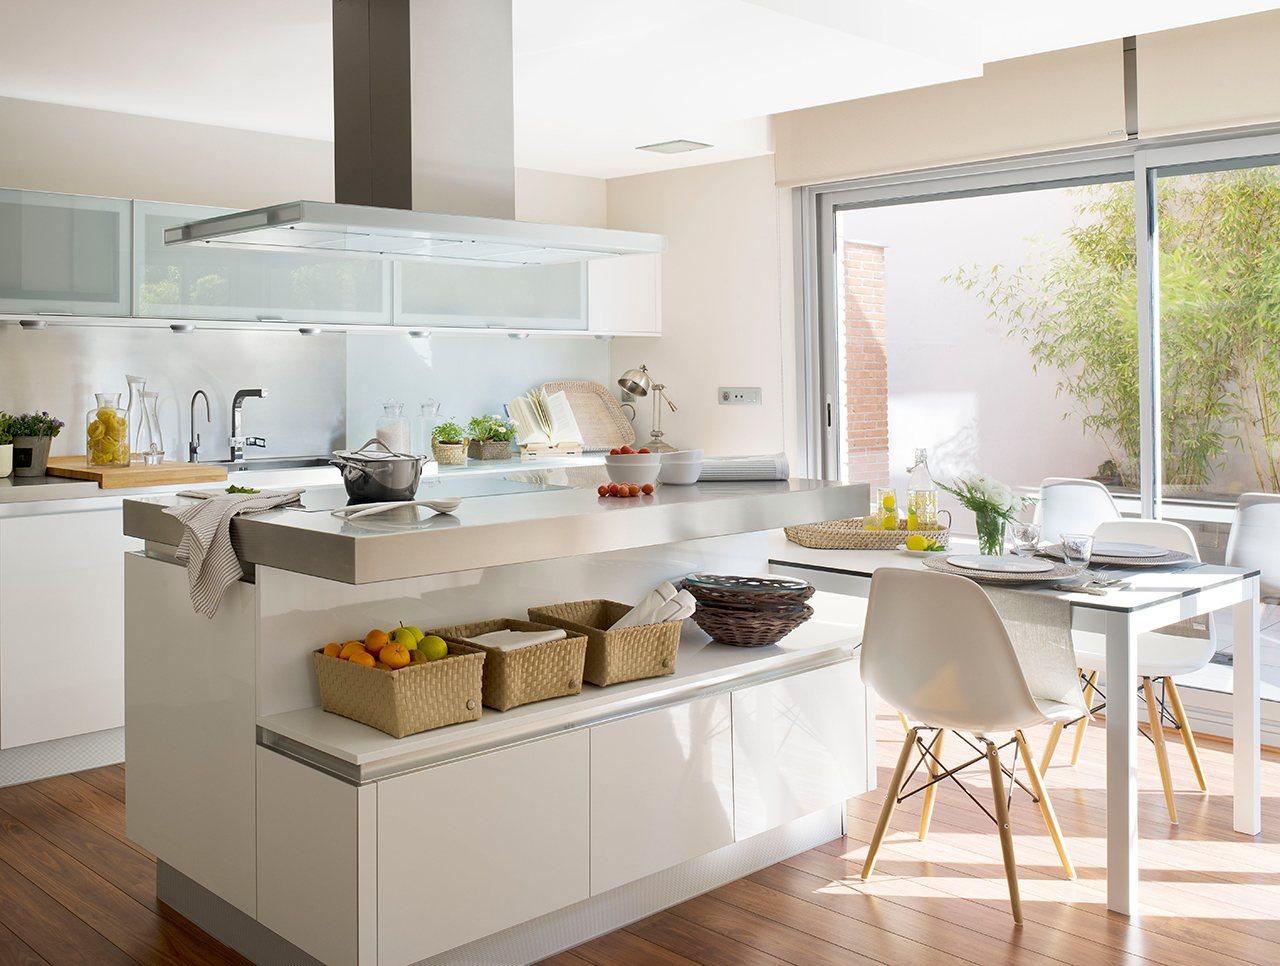 Best Cocina Con Mesa Gallery - Casa & Diseño Ideas - sffreeschool.com